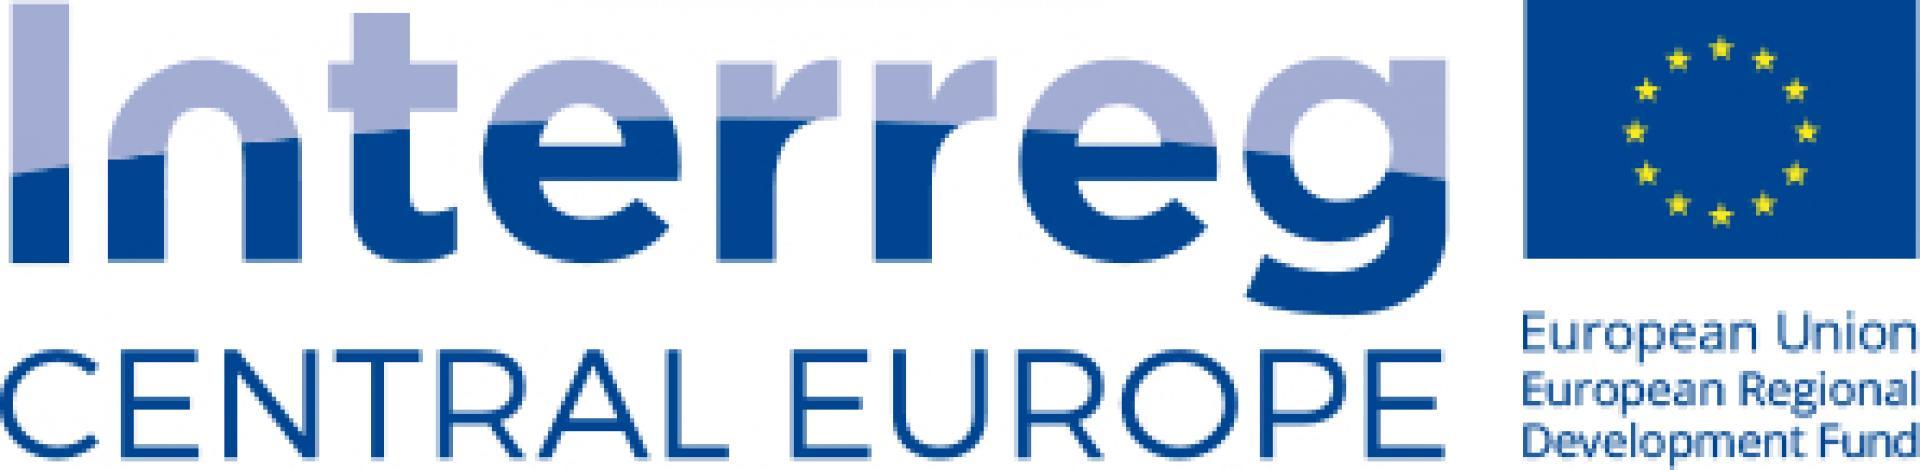 Zaproszenie do udziału w konsultacjach Programu Interreg Europa Środkowa 2021-2027 - zobacz więcej